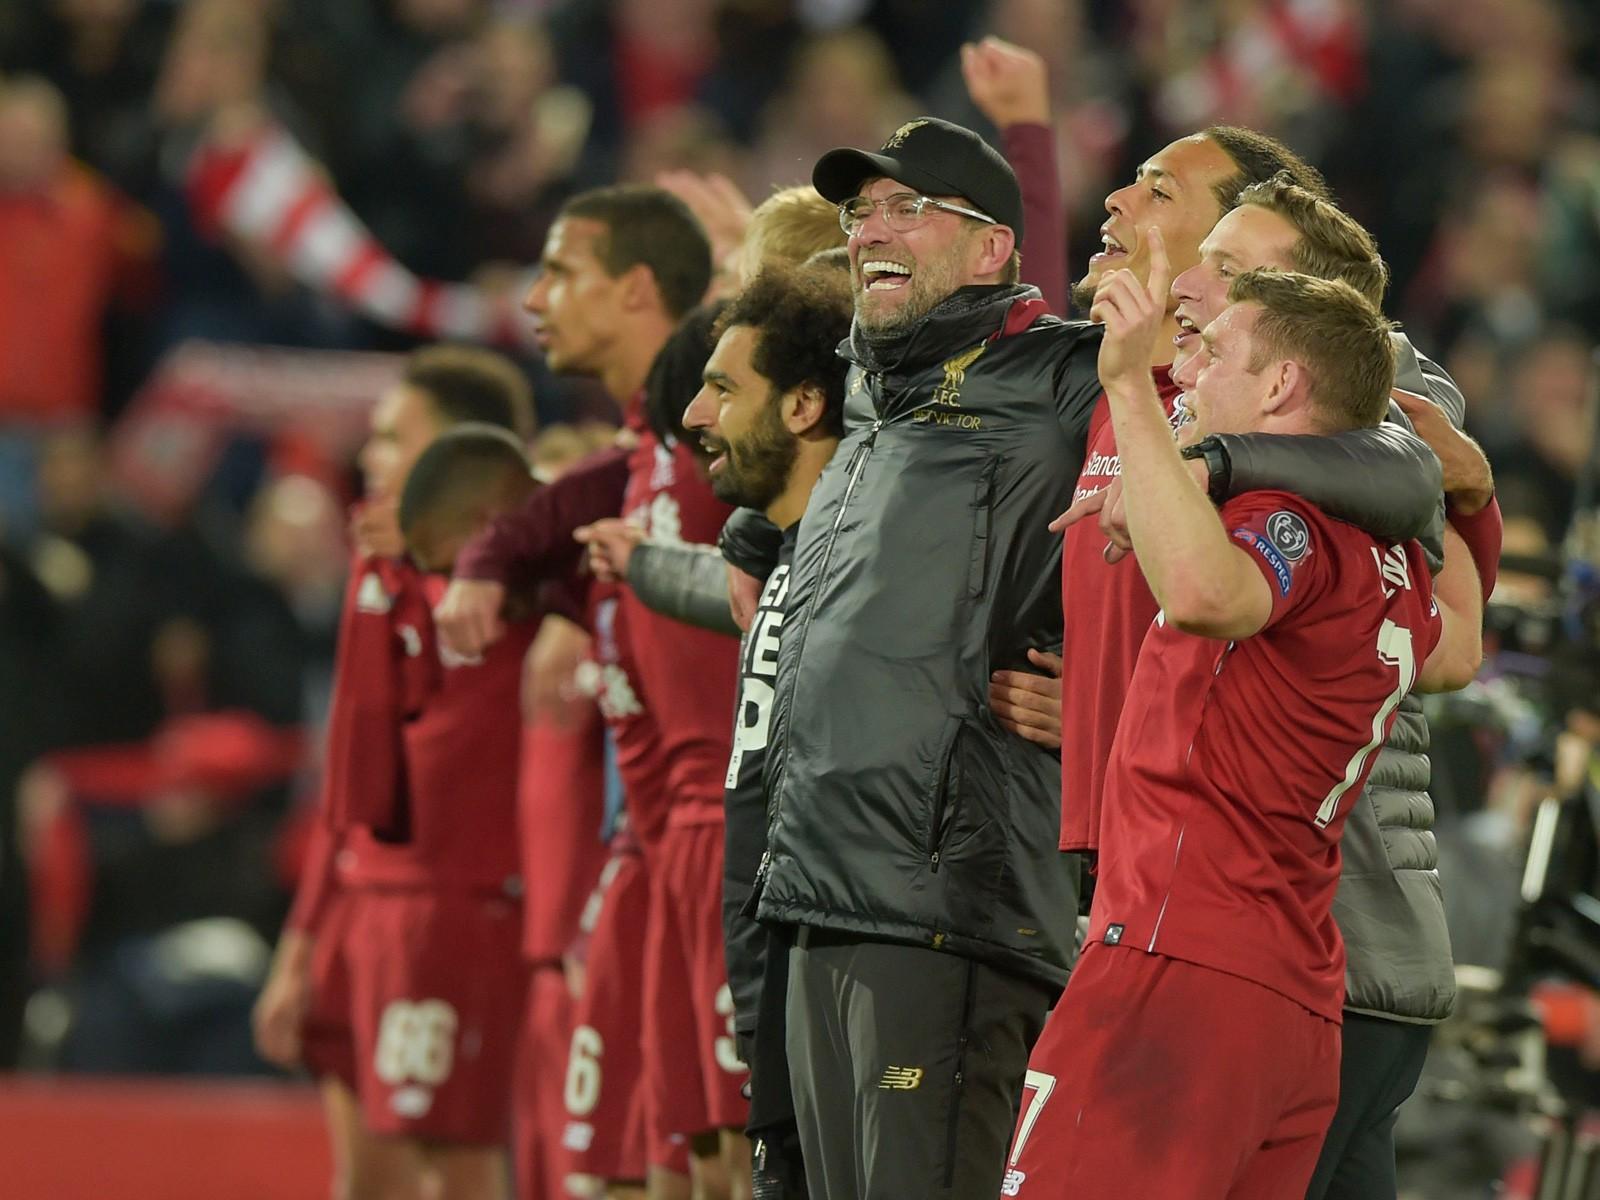 Liverpool có chức vô địch Champions League, Klopp đã hoàn thành lời hứa - Ảnh 2.